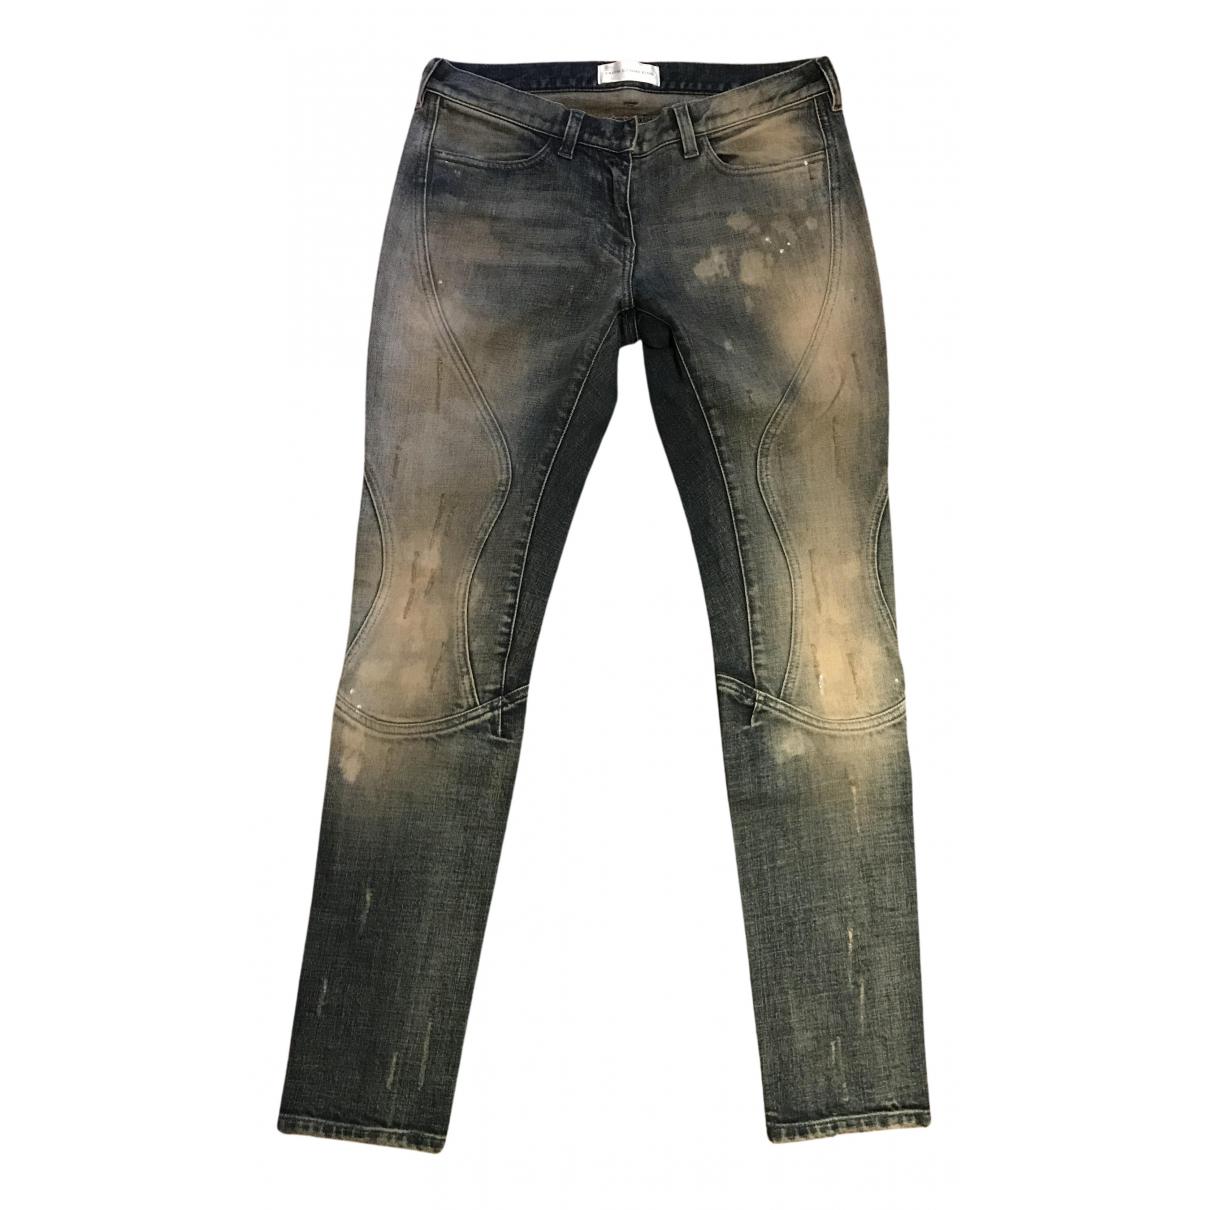 Faith Connexion N Blue Denim - Jeans Jeans for Women 27 US